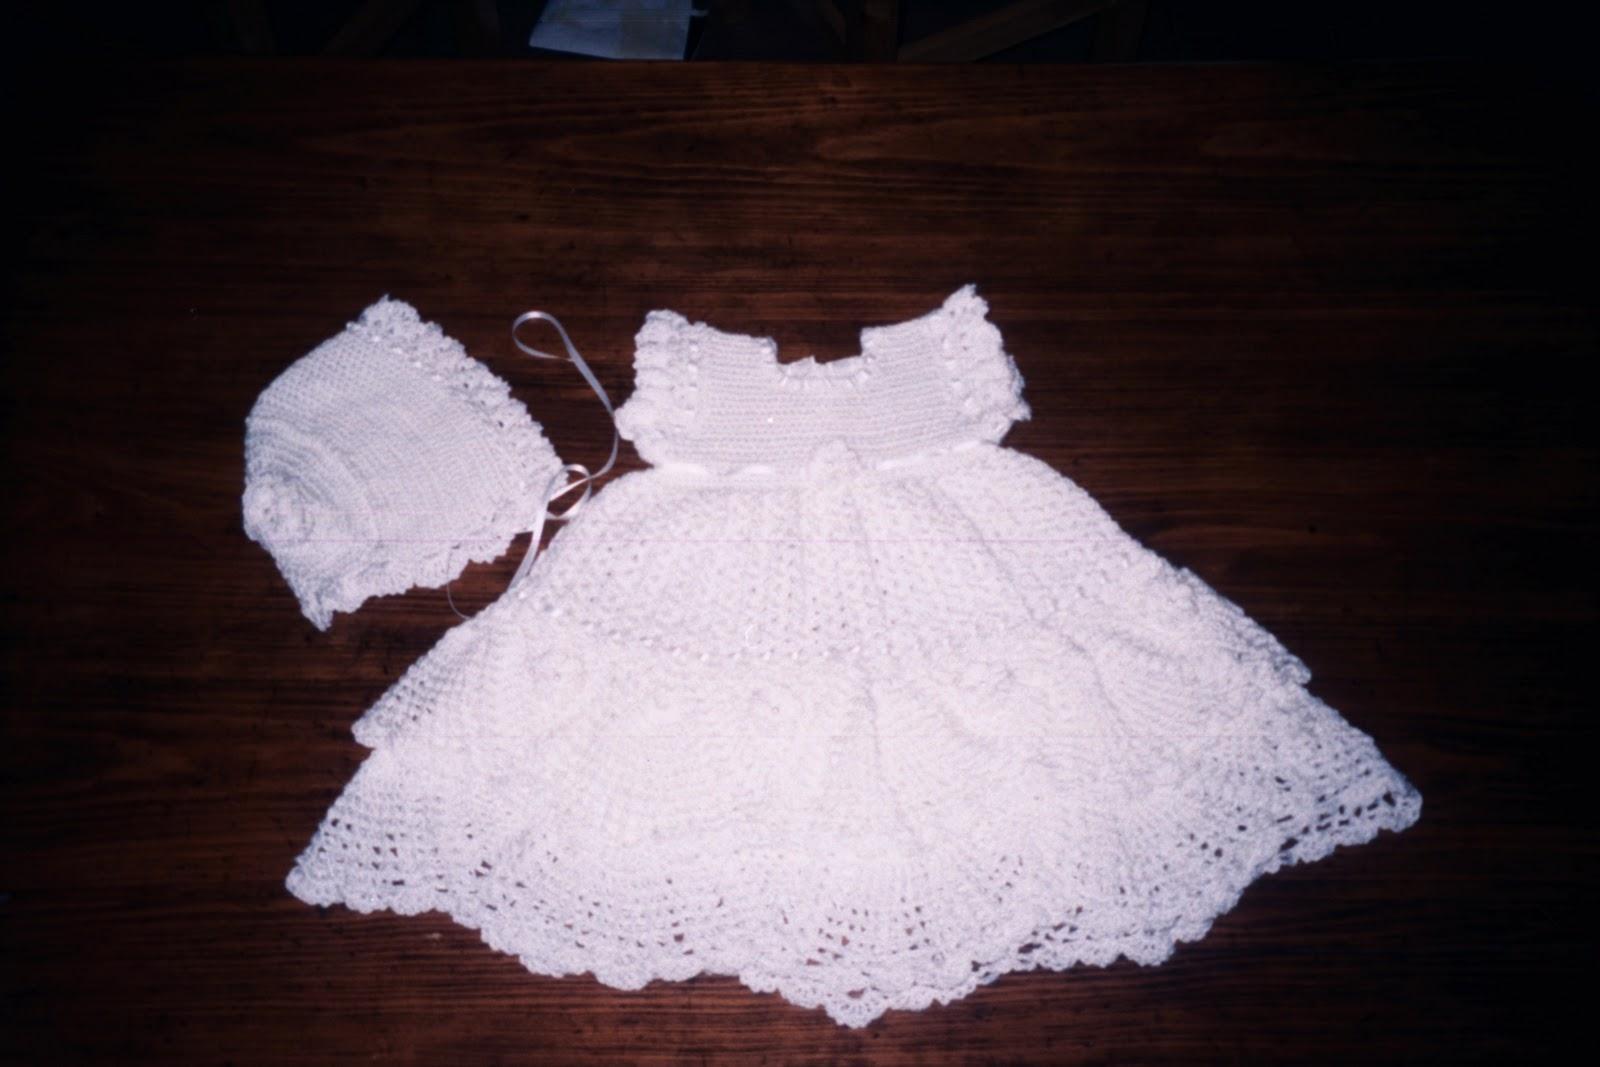 vestido integramente en crochet realizado en dralon de veranoi